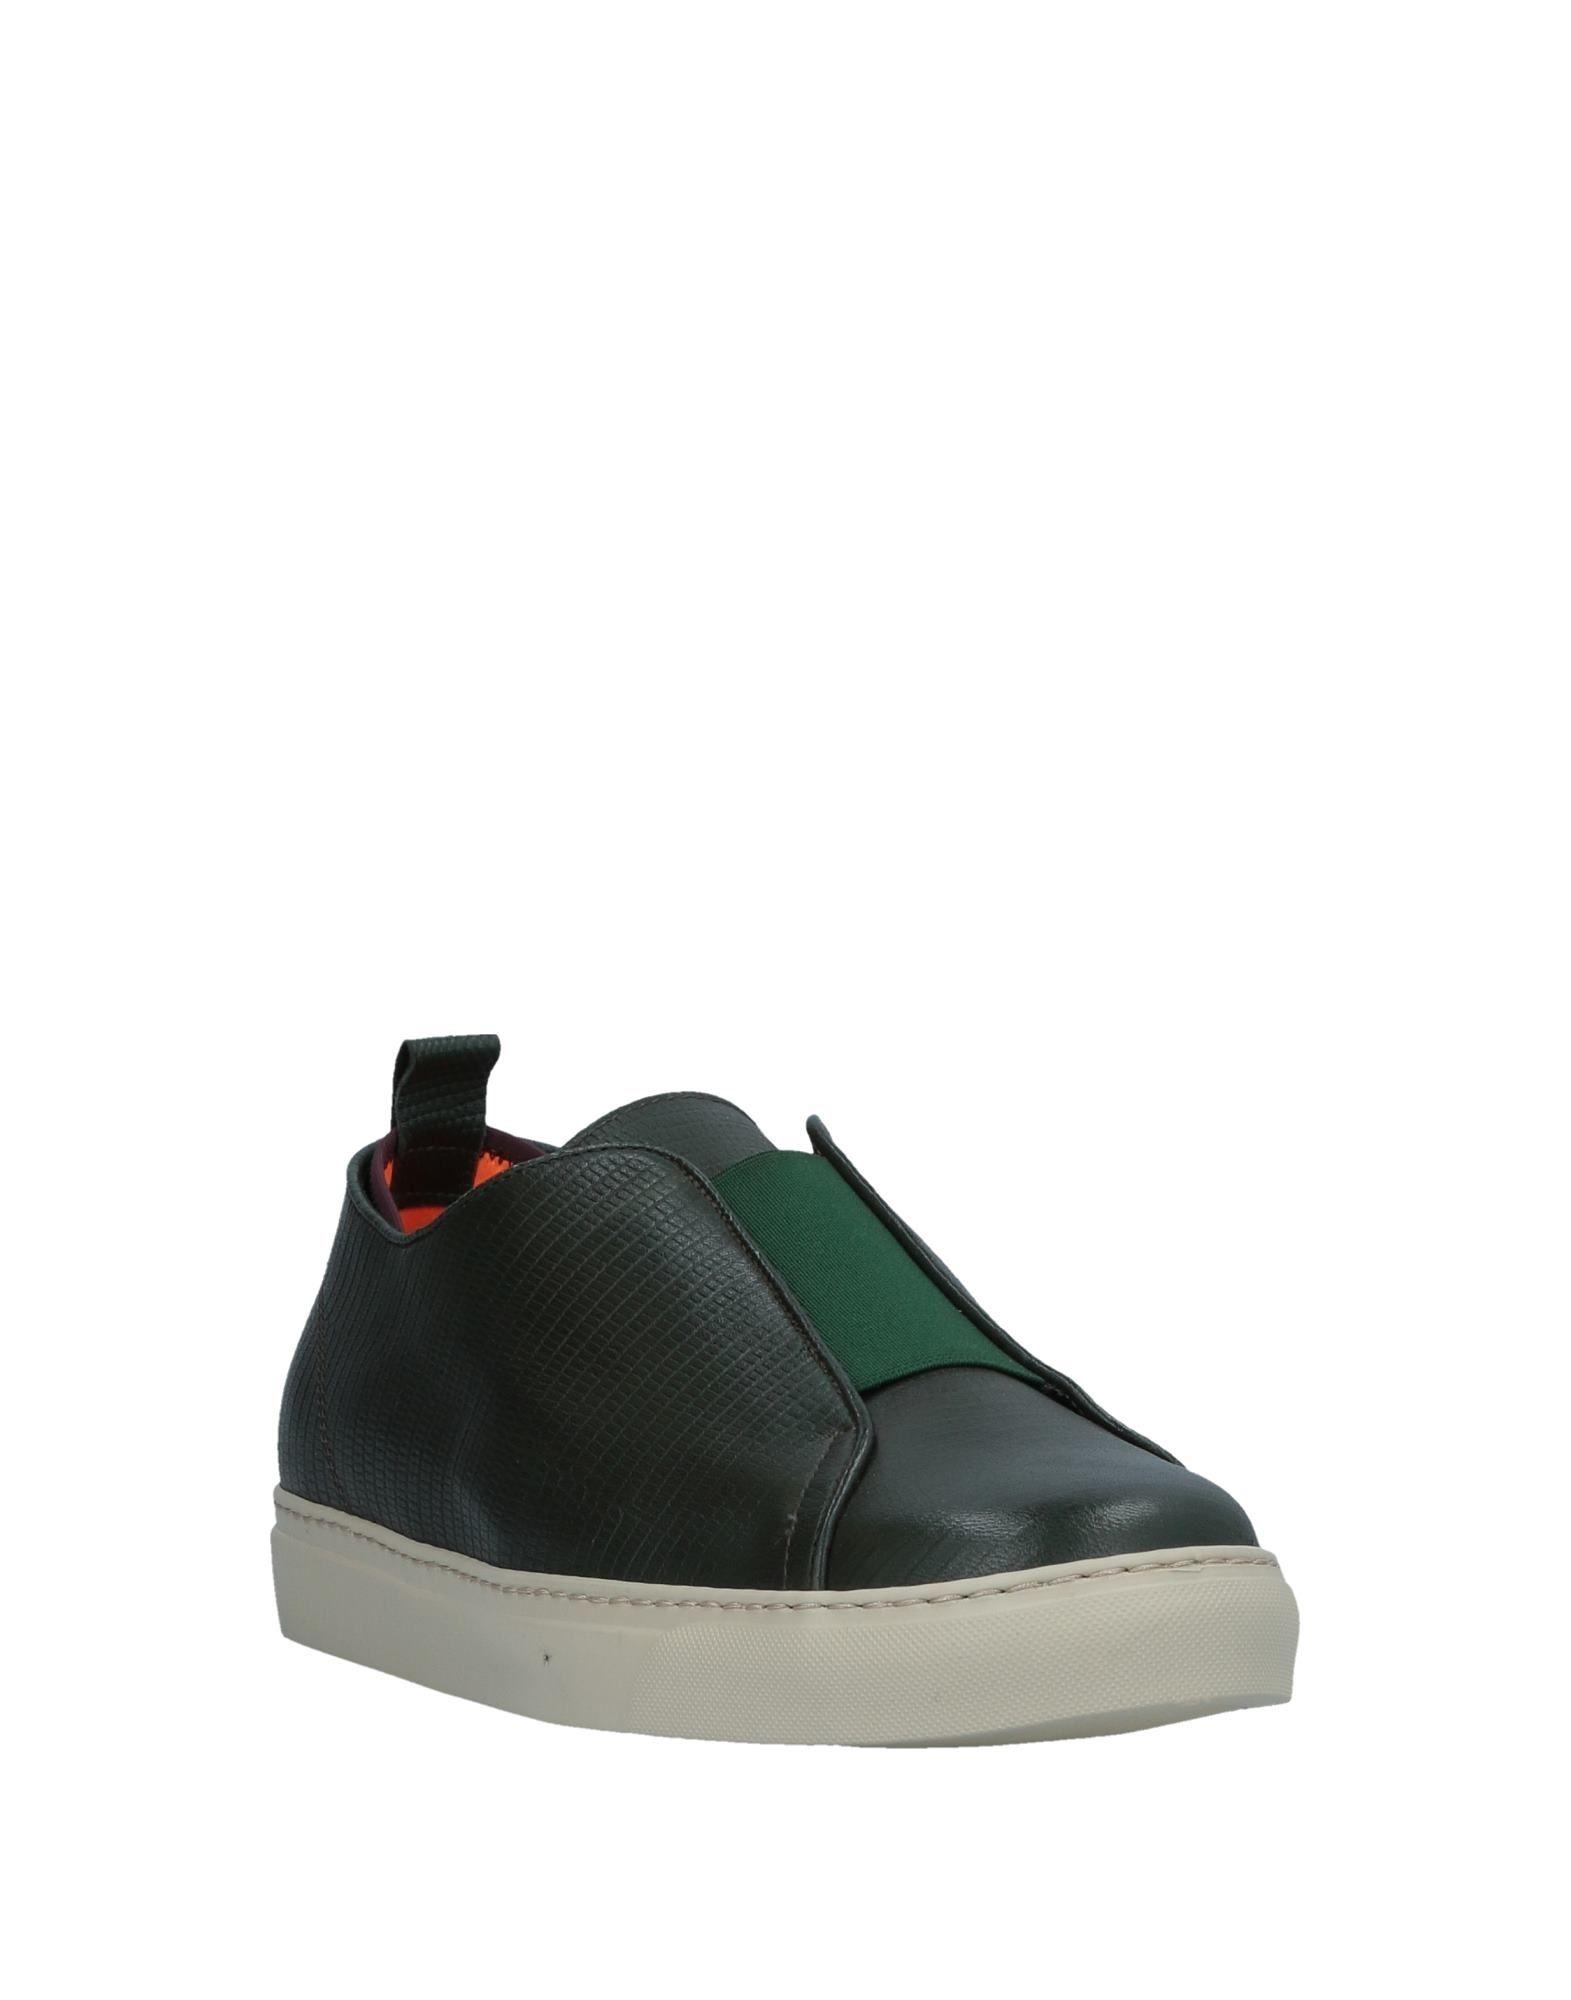 Rabatt echte Sneakers Schuhe Levius Sneakers echte Herren  11533110XC b5cca1